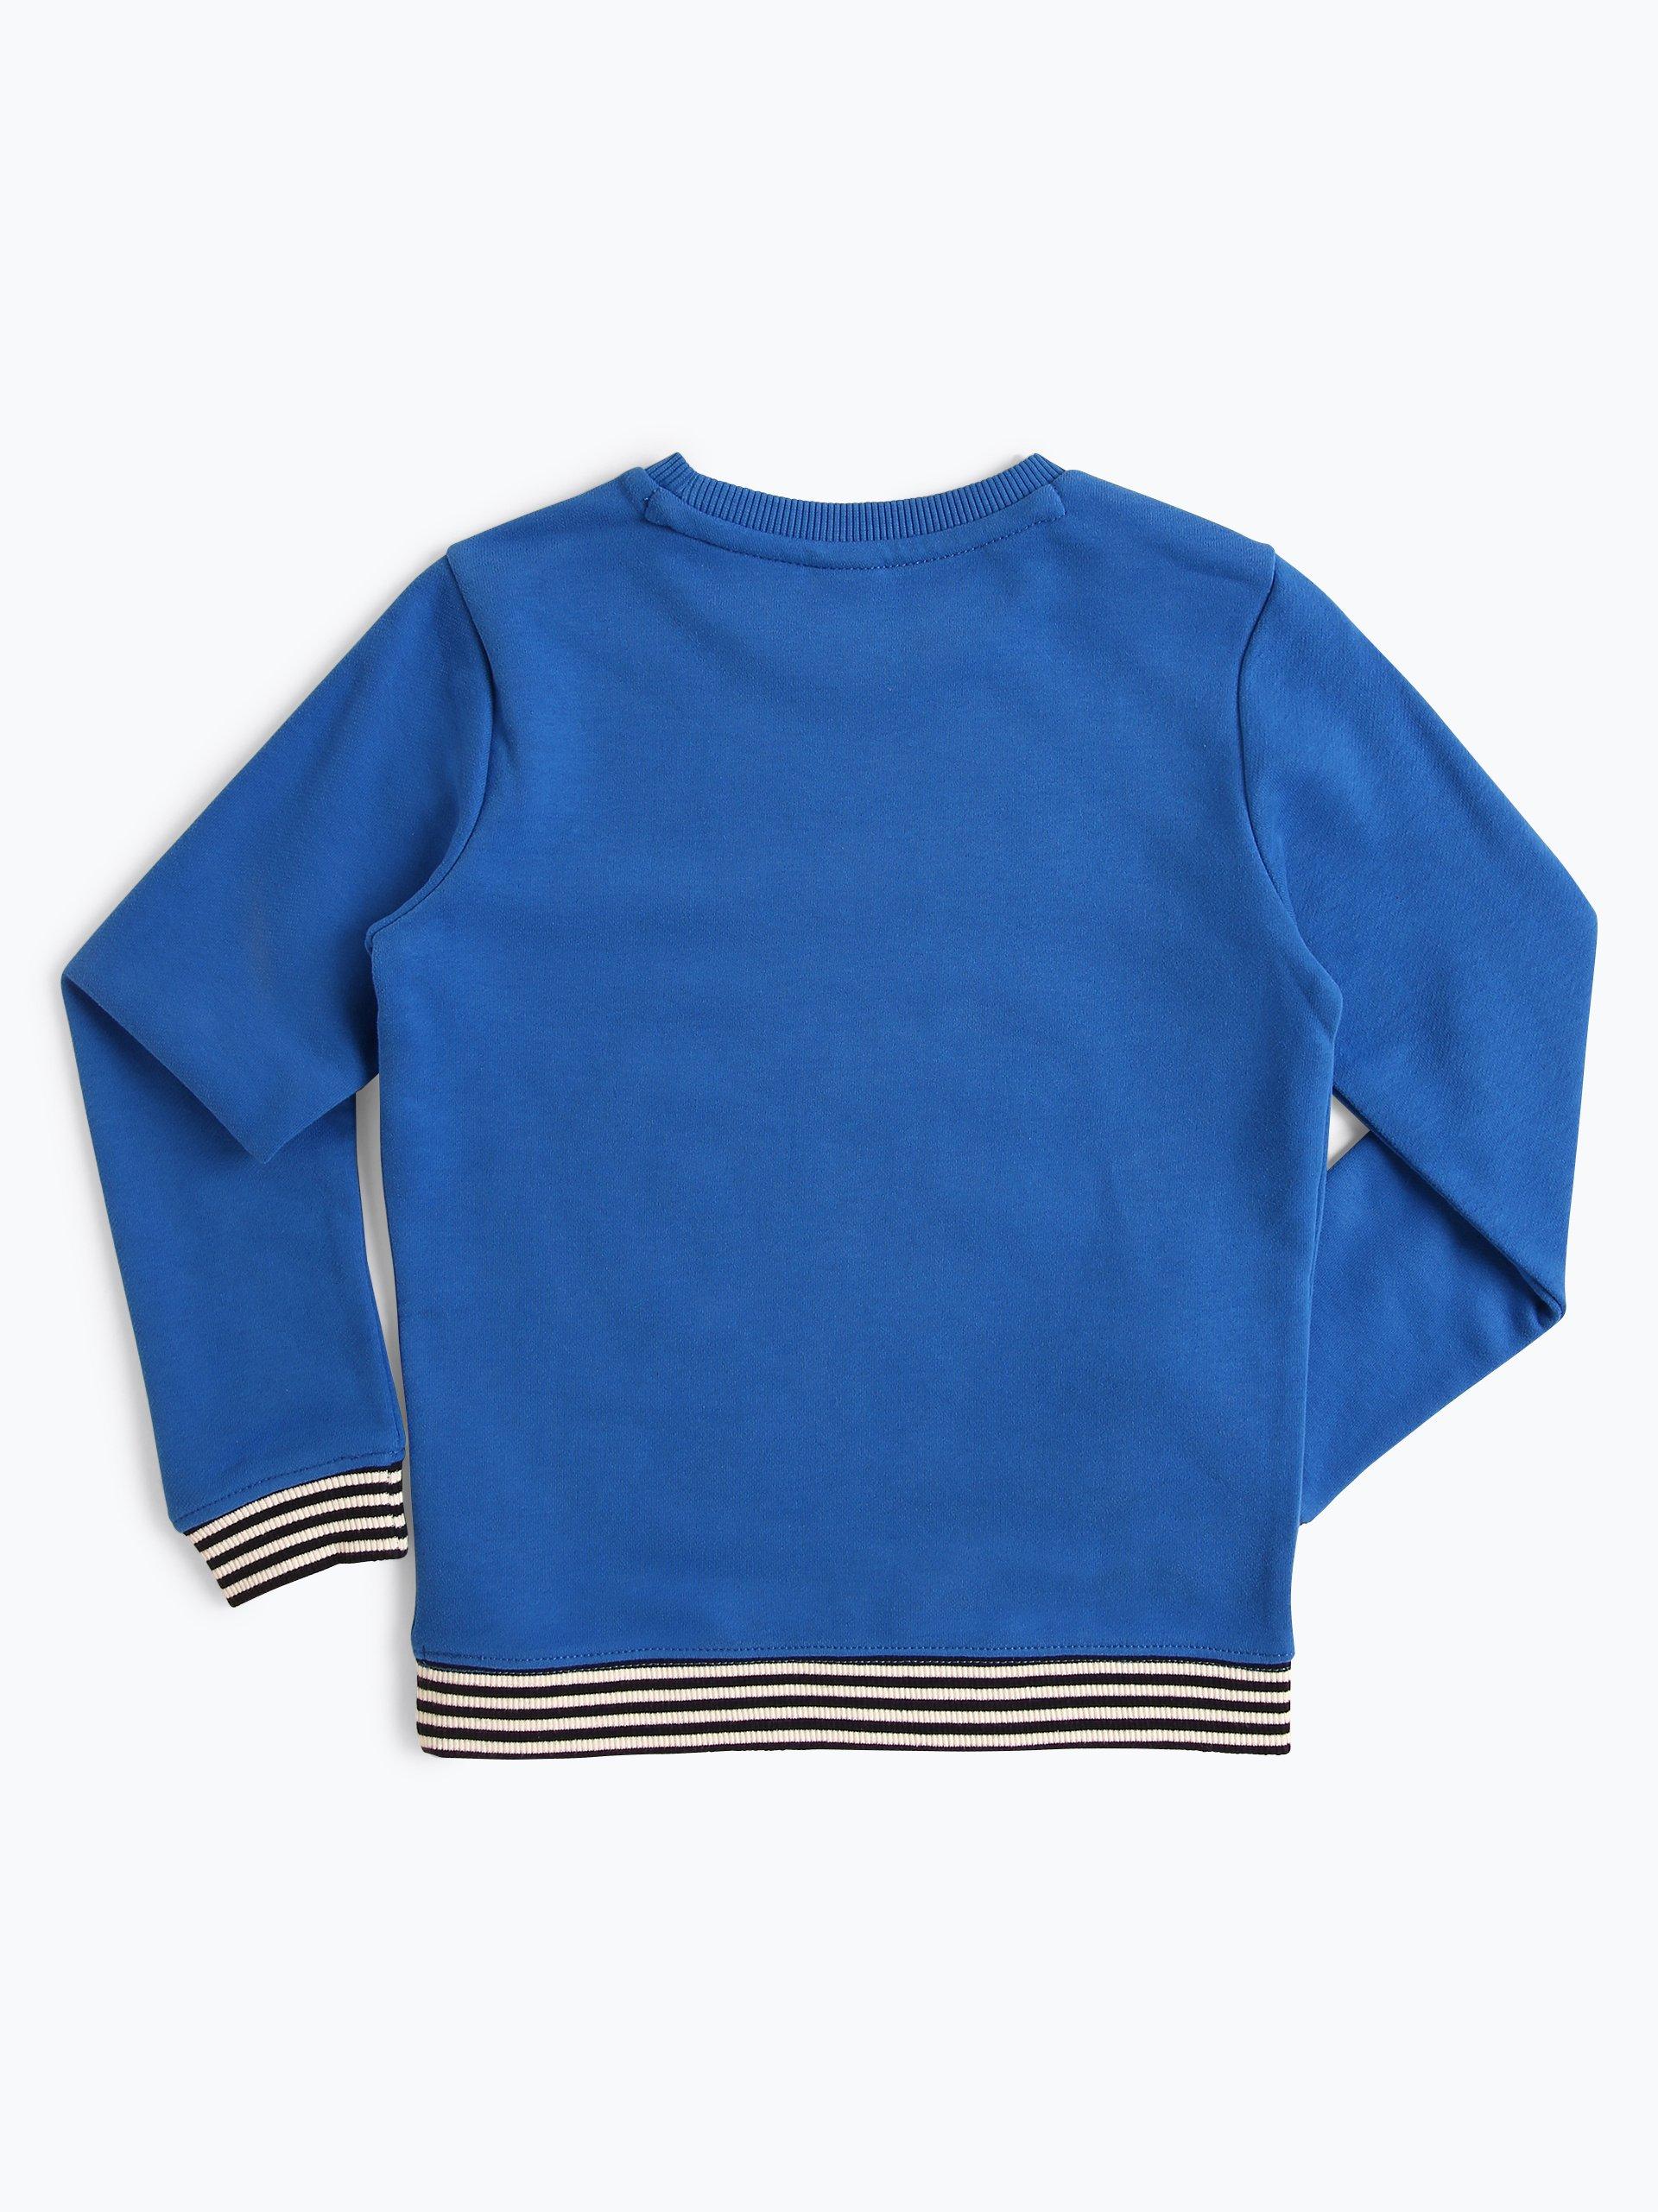 s.Oliver Casual Jungen Sweatshirt